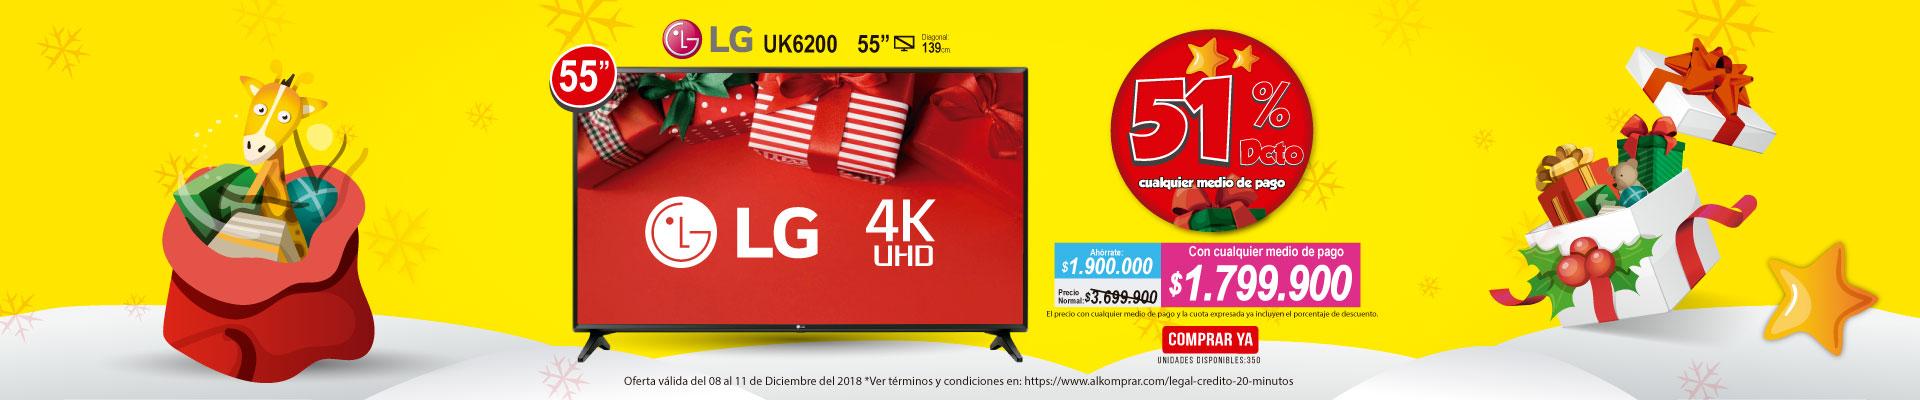 BP ALKP  LG TV